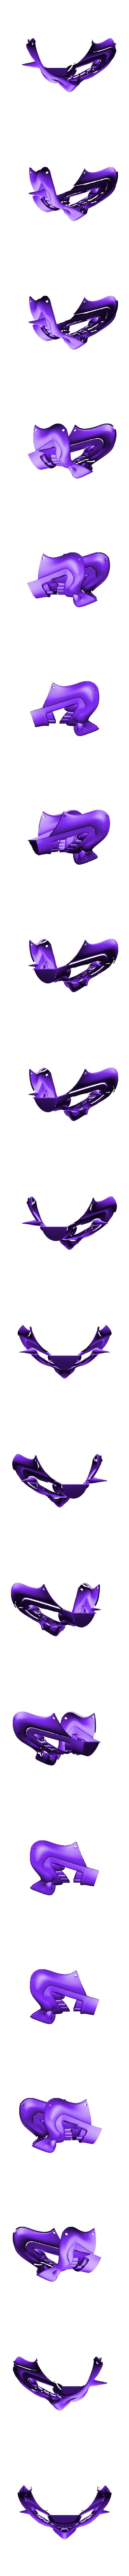 HalfMaskHoles.stl Download free STL file Blue Spirit Mempo • 3D printer model, aandw92